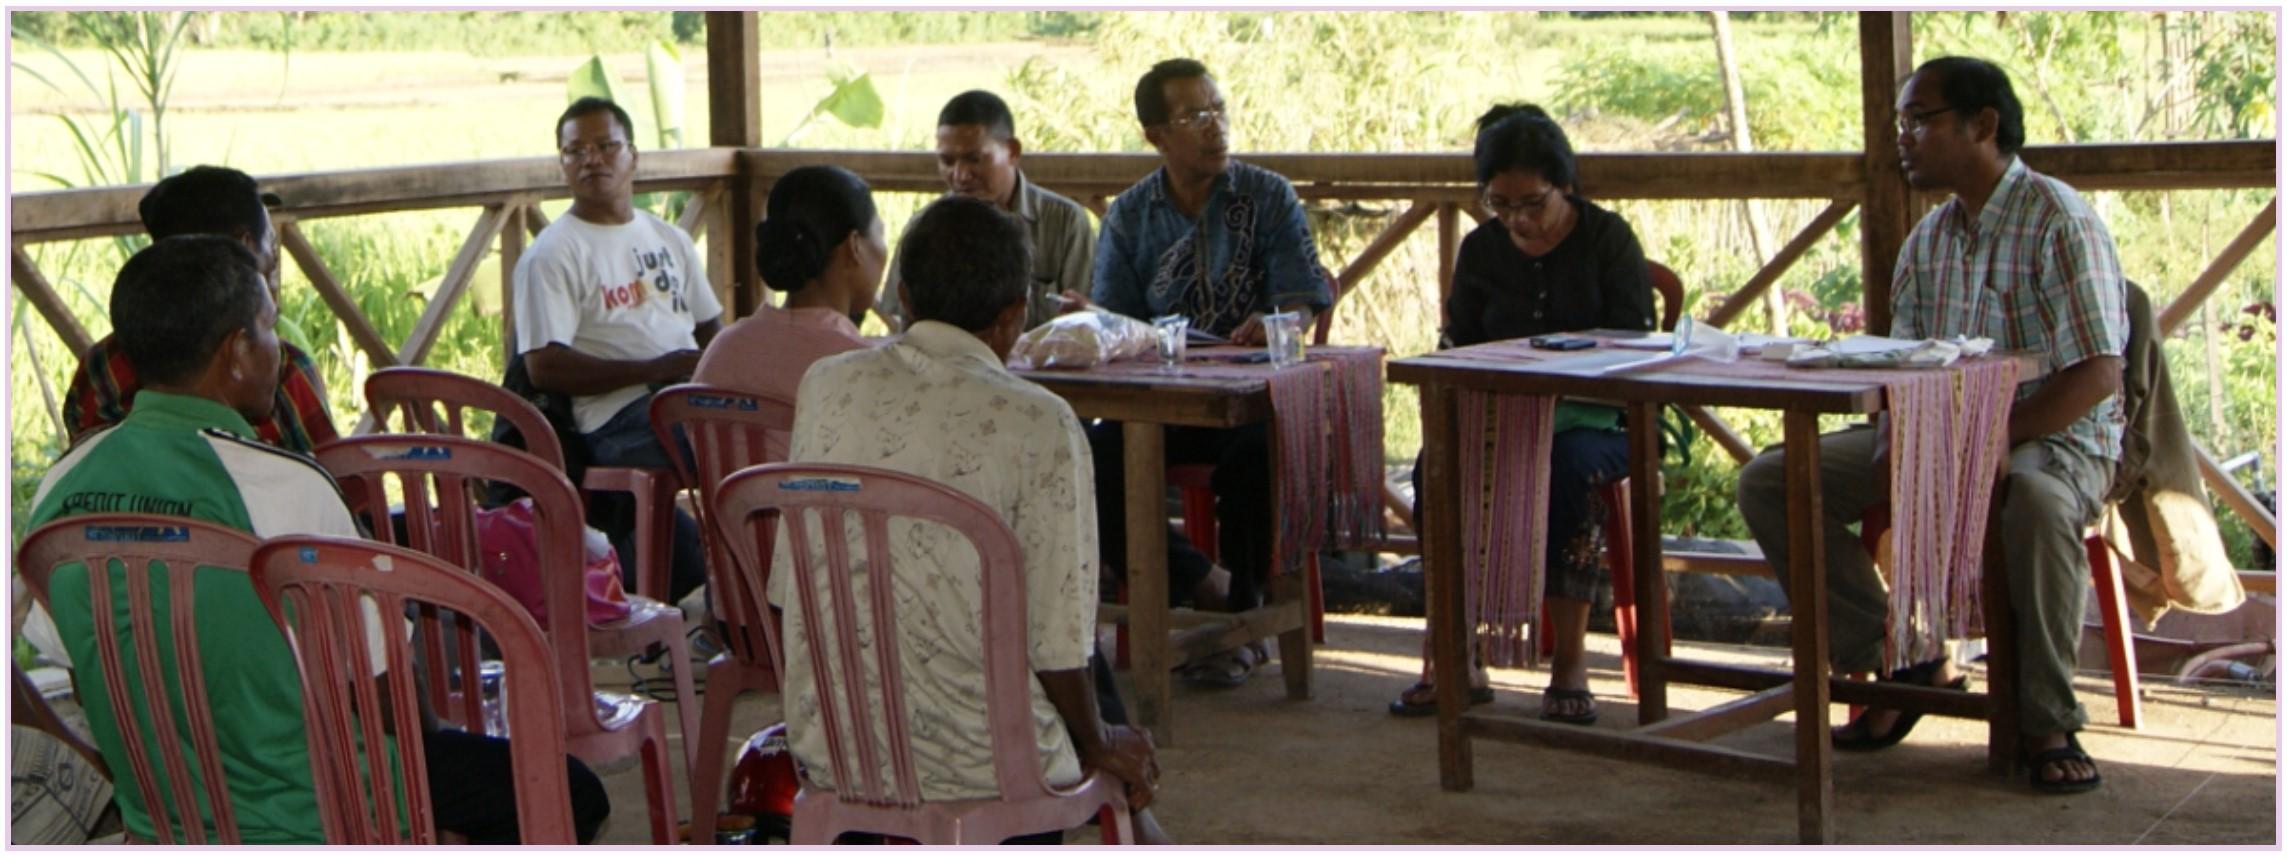 Pertemuan Kelompok Tani Anggota Koperasi SUKA DAMAI Labuan Bajo bersama Pengurus dan Divisi Pertanian SUNSPIRIT dalam rangka kerjasama penanaman benih padi Woja Laka